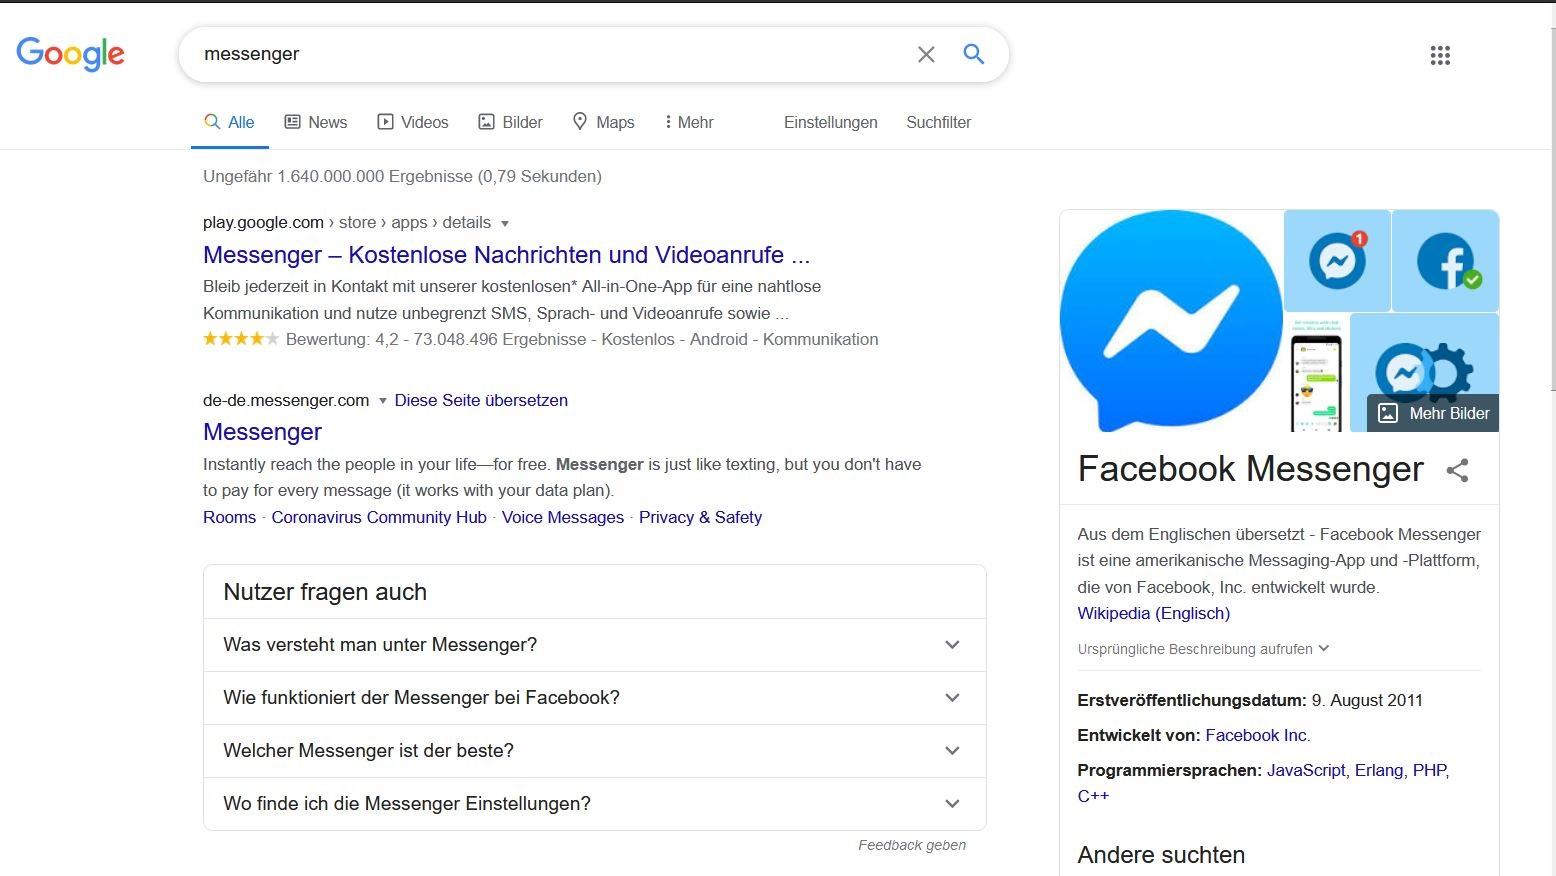 Google-Suche nach Messenger, das erste Ergebnis ist eine bescheuerte App von Facebook